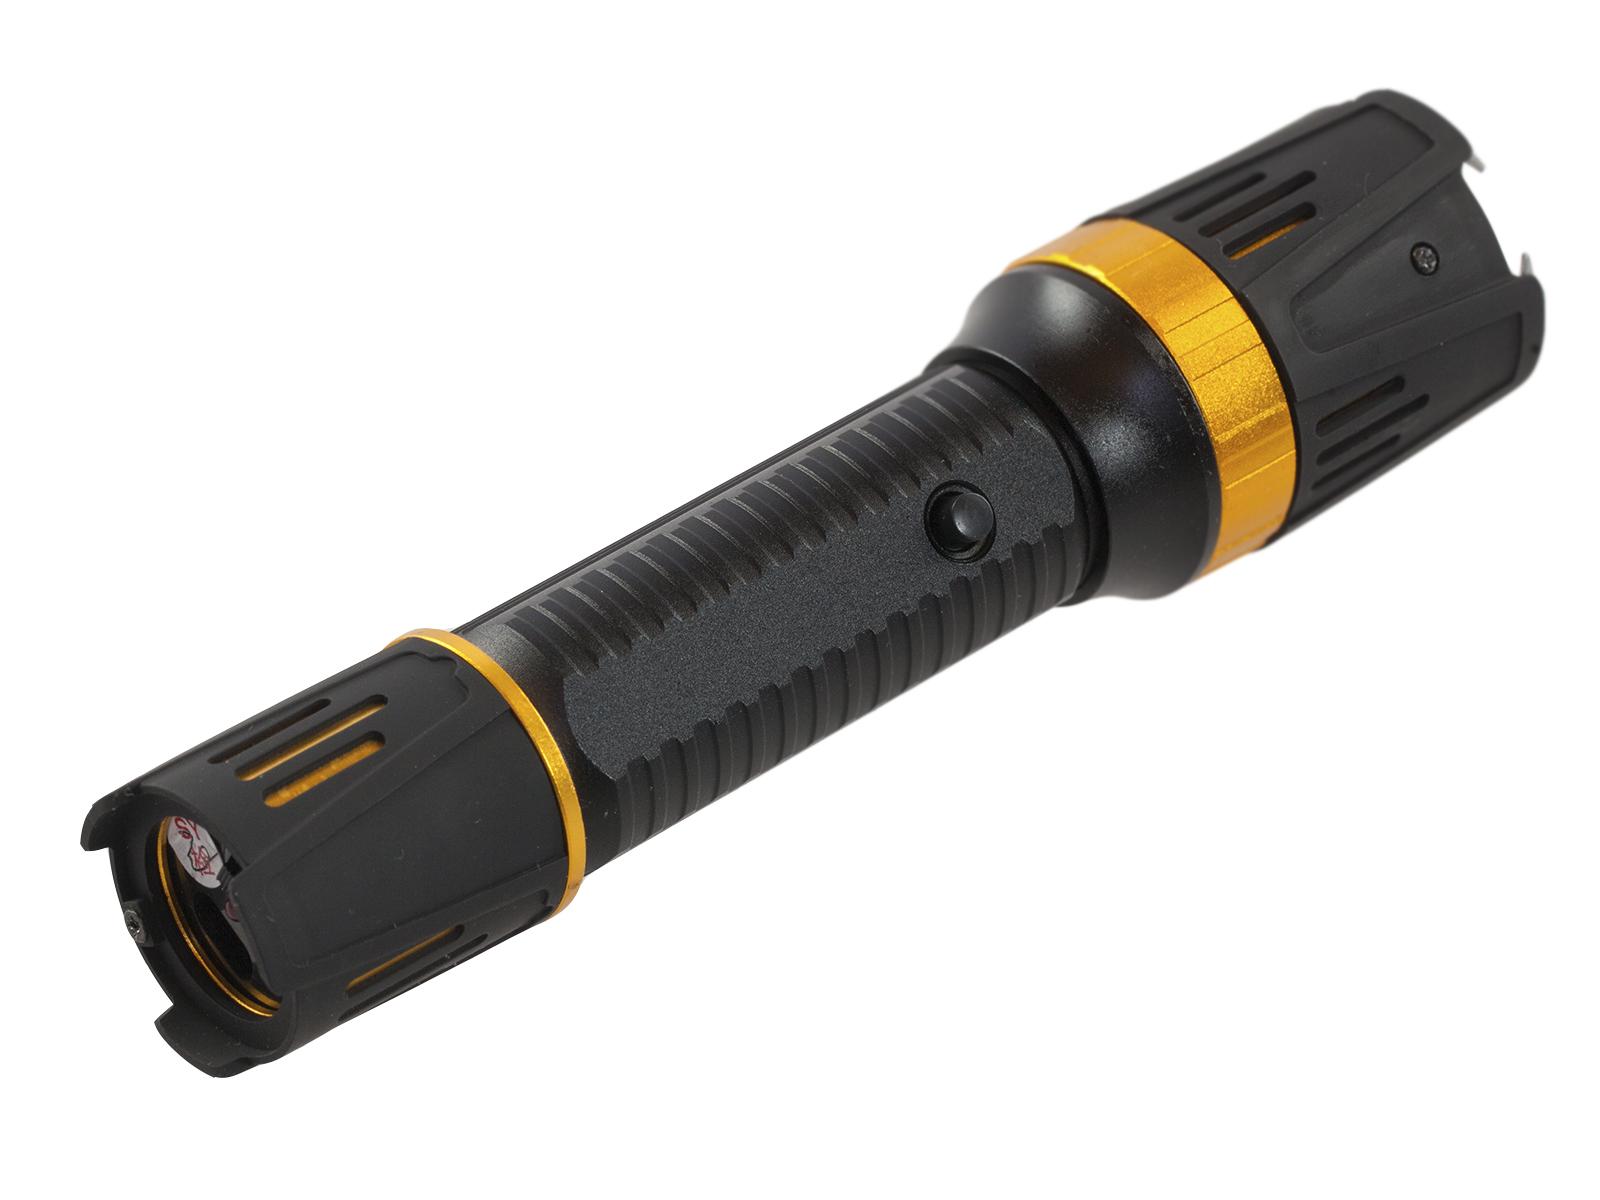 Универсальный отпугиватель собак  HY-6800 с фонариком - купить онлайн